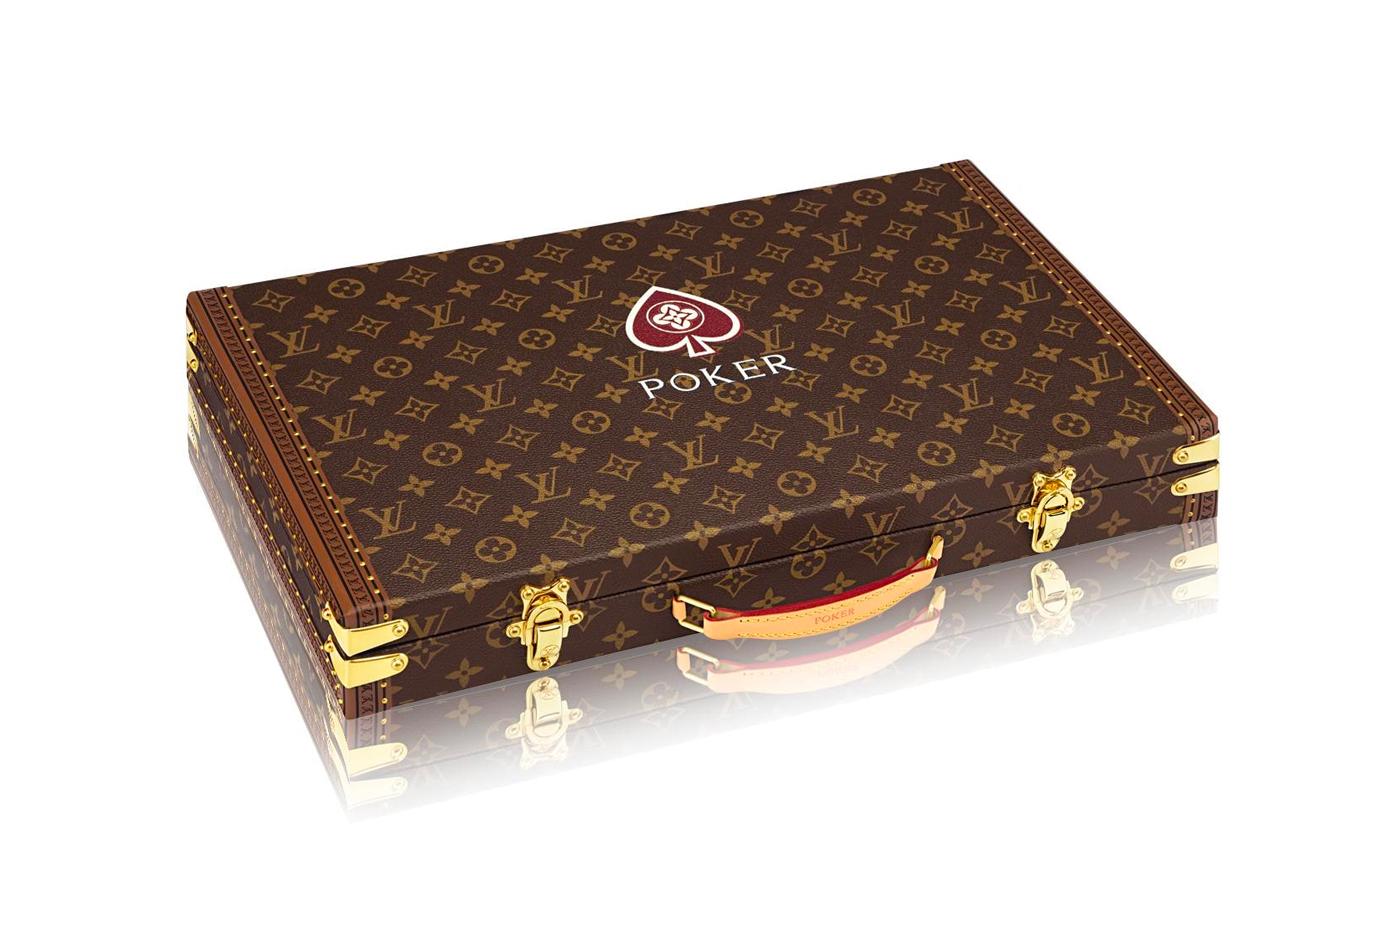 Louis Vuitton pókerszett